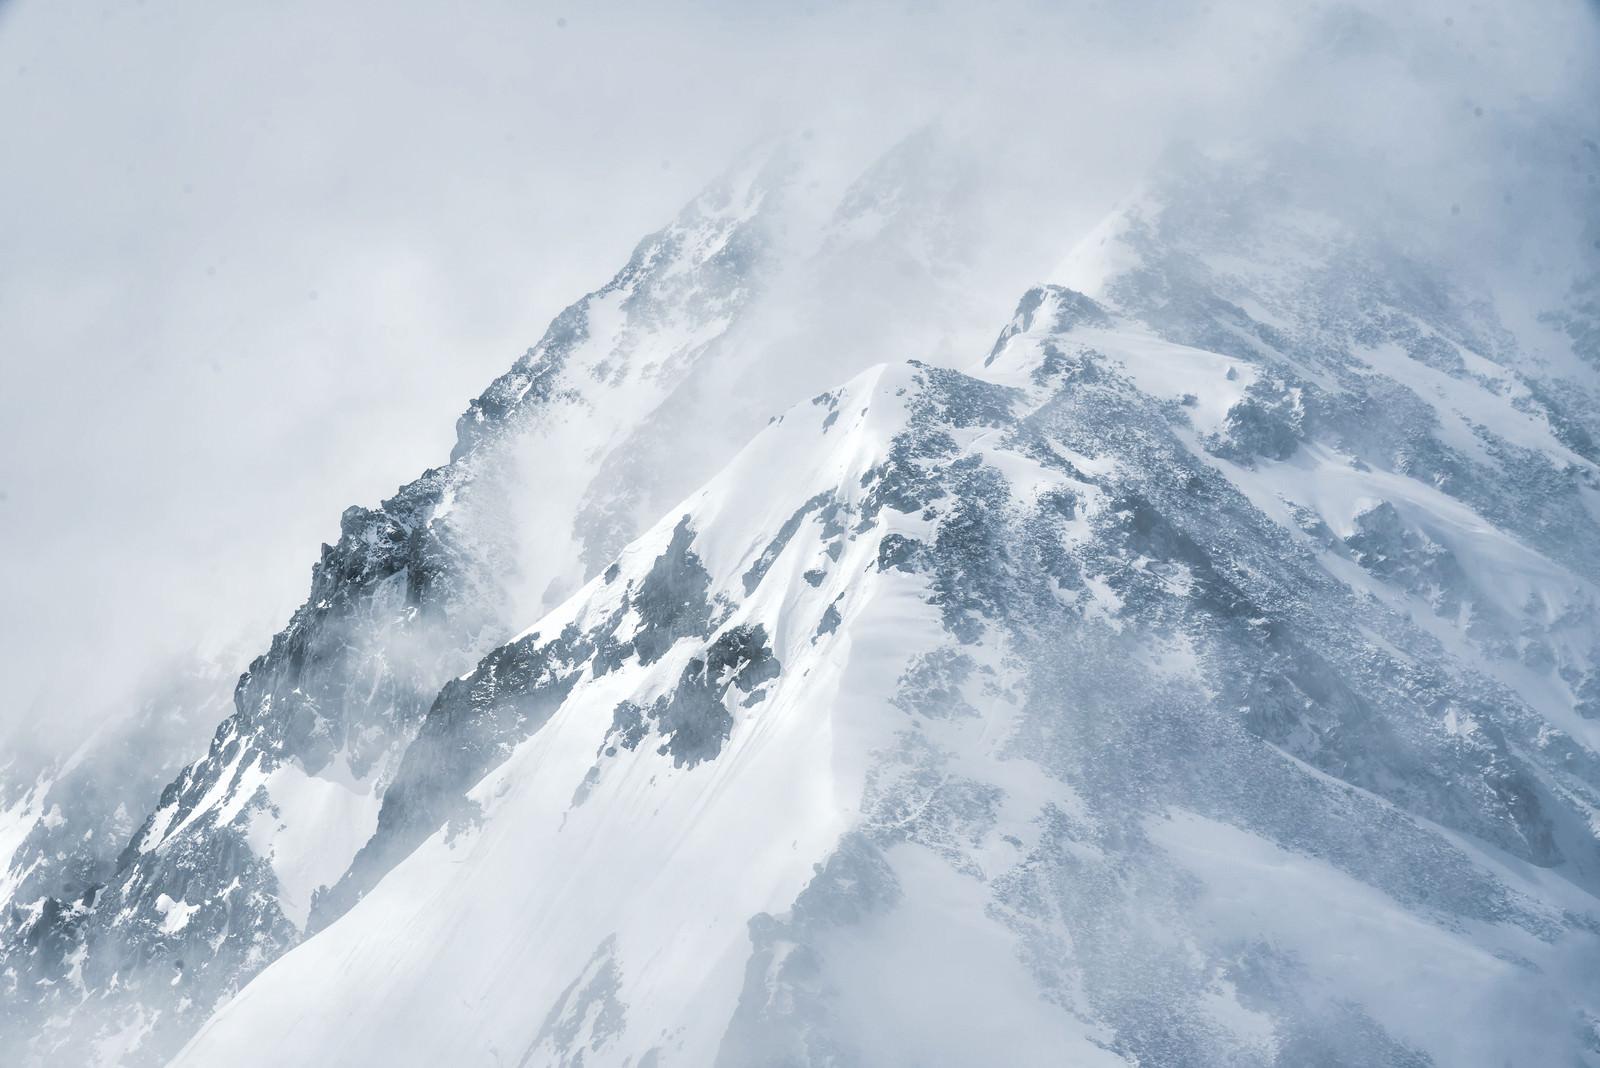 「吹雪く視界不良の雪山」の写真